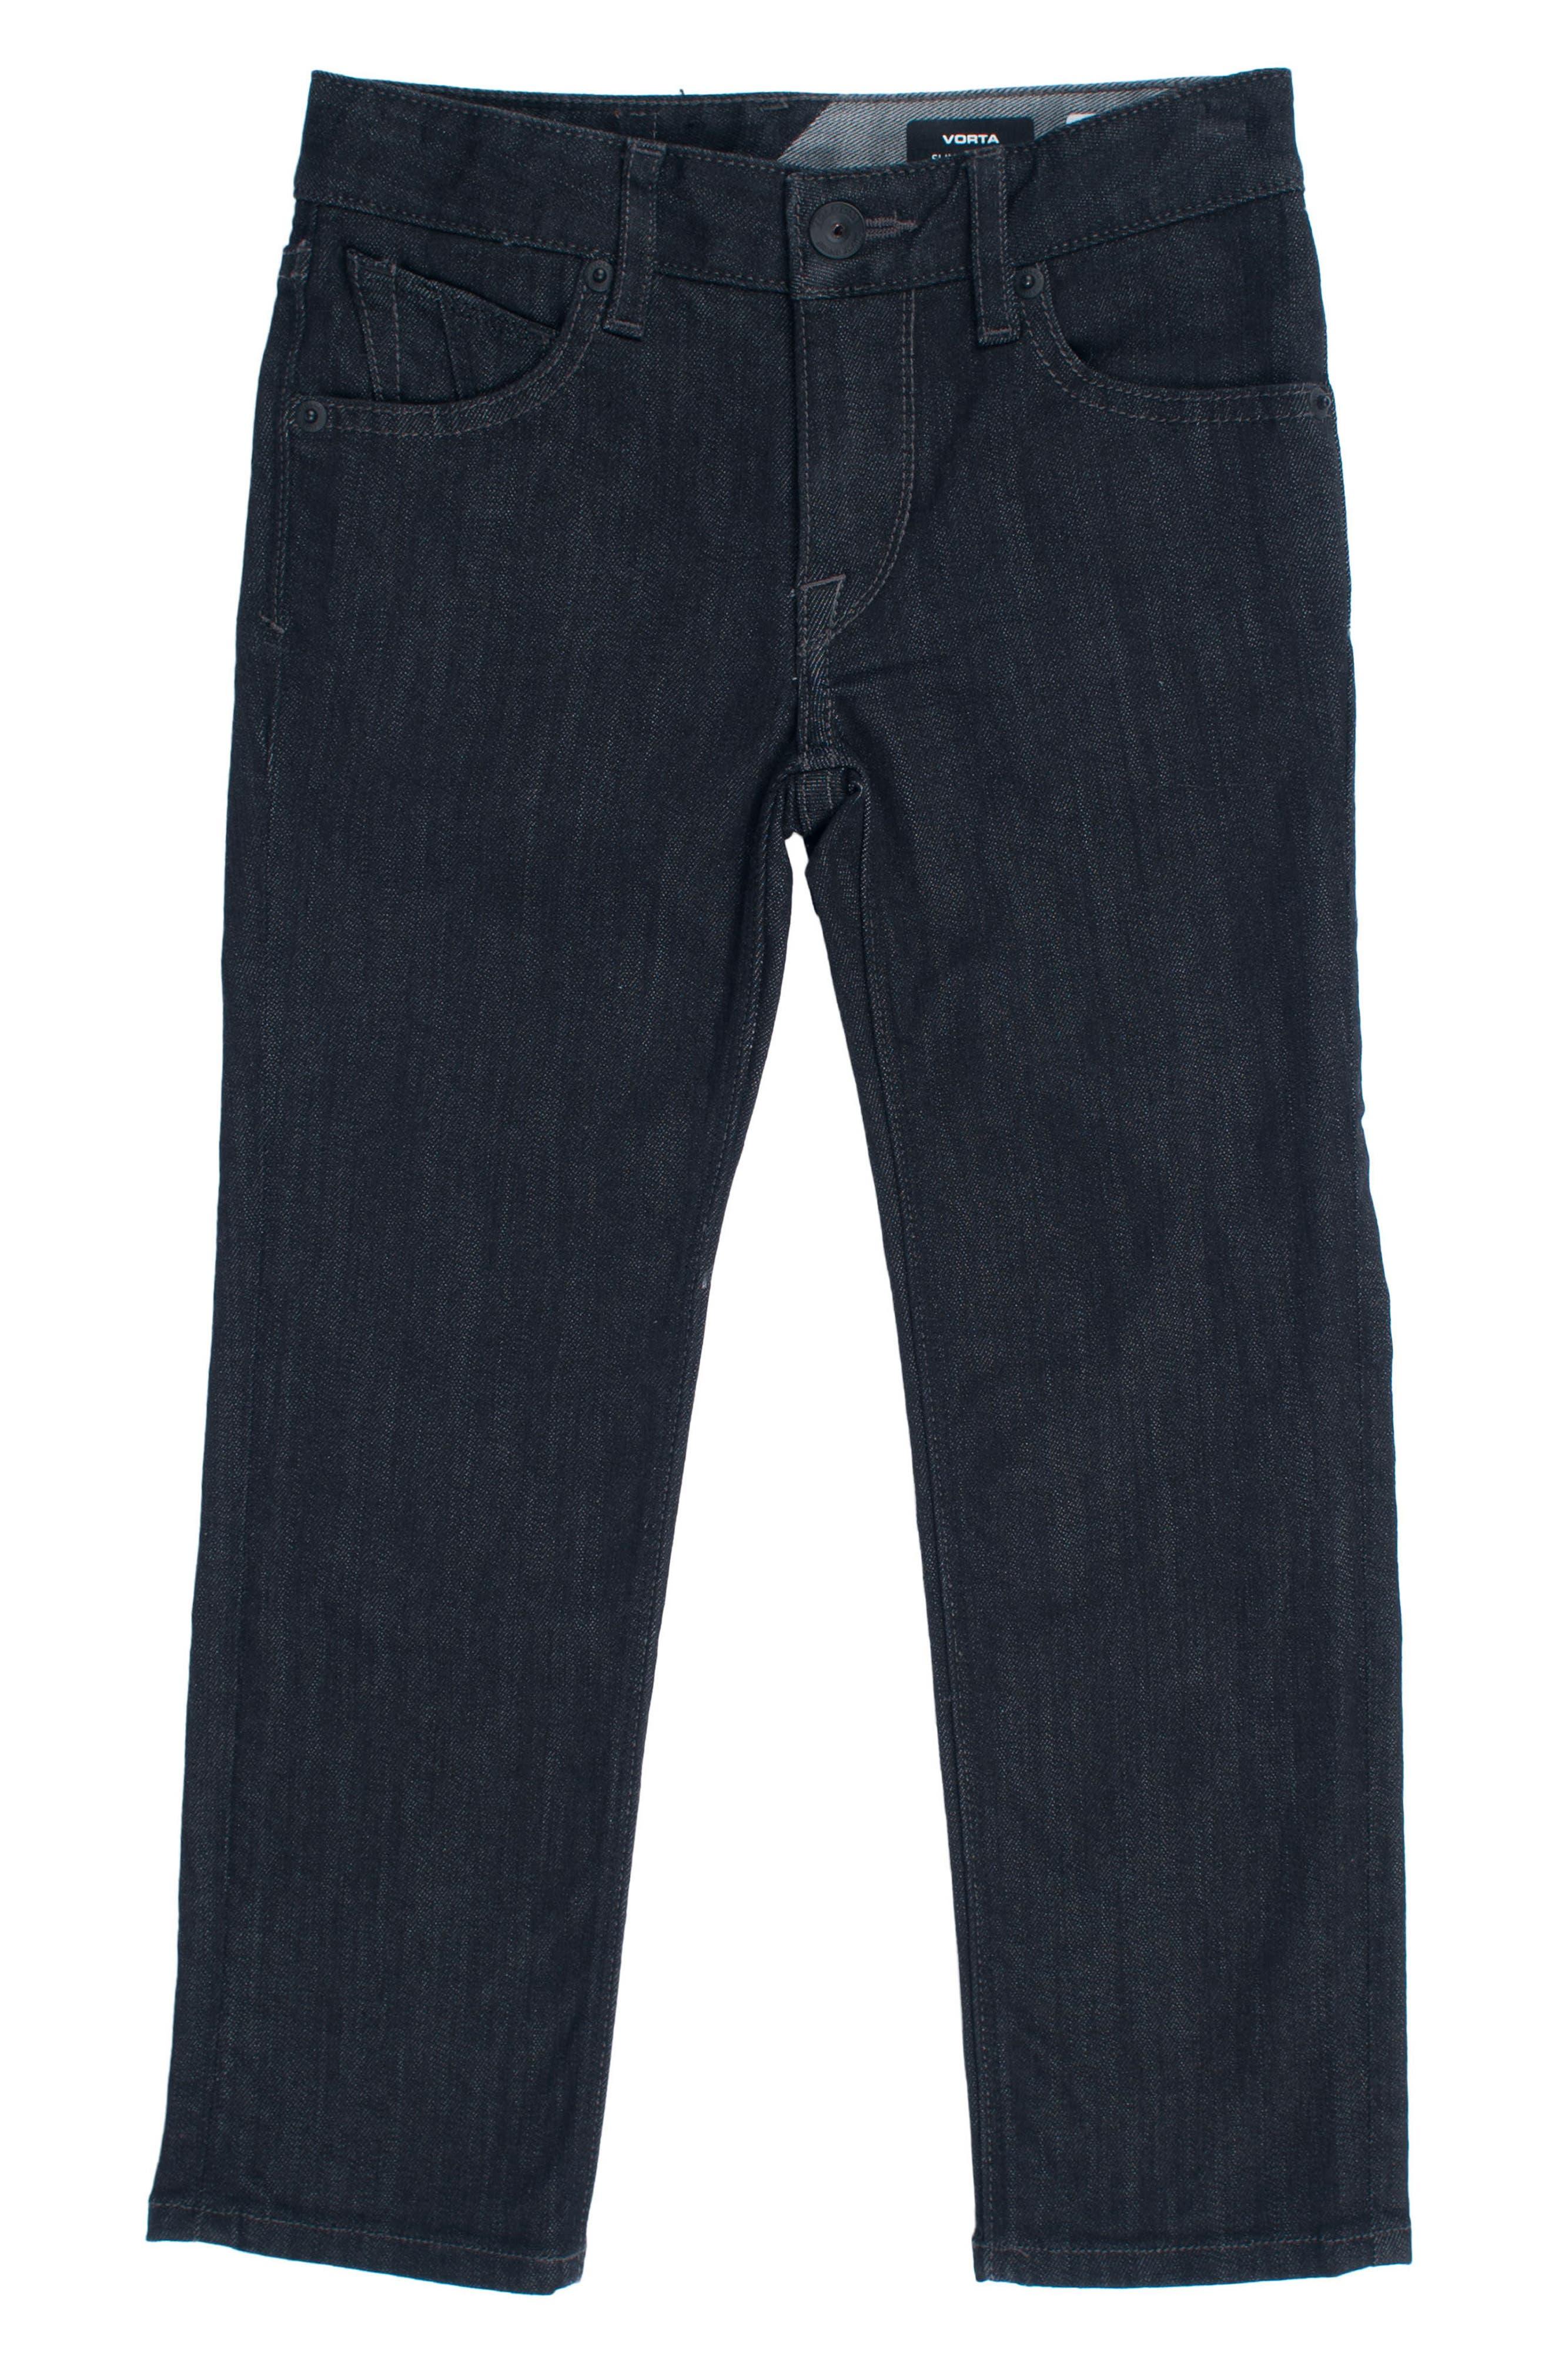 Vorta Slim Fit Jeans,                         Main,                         color, 005